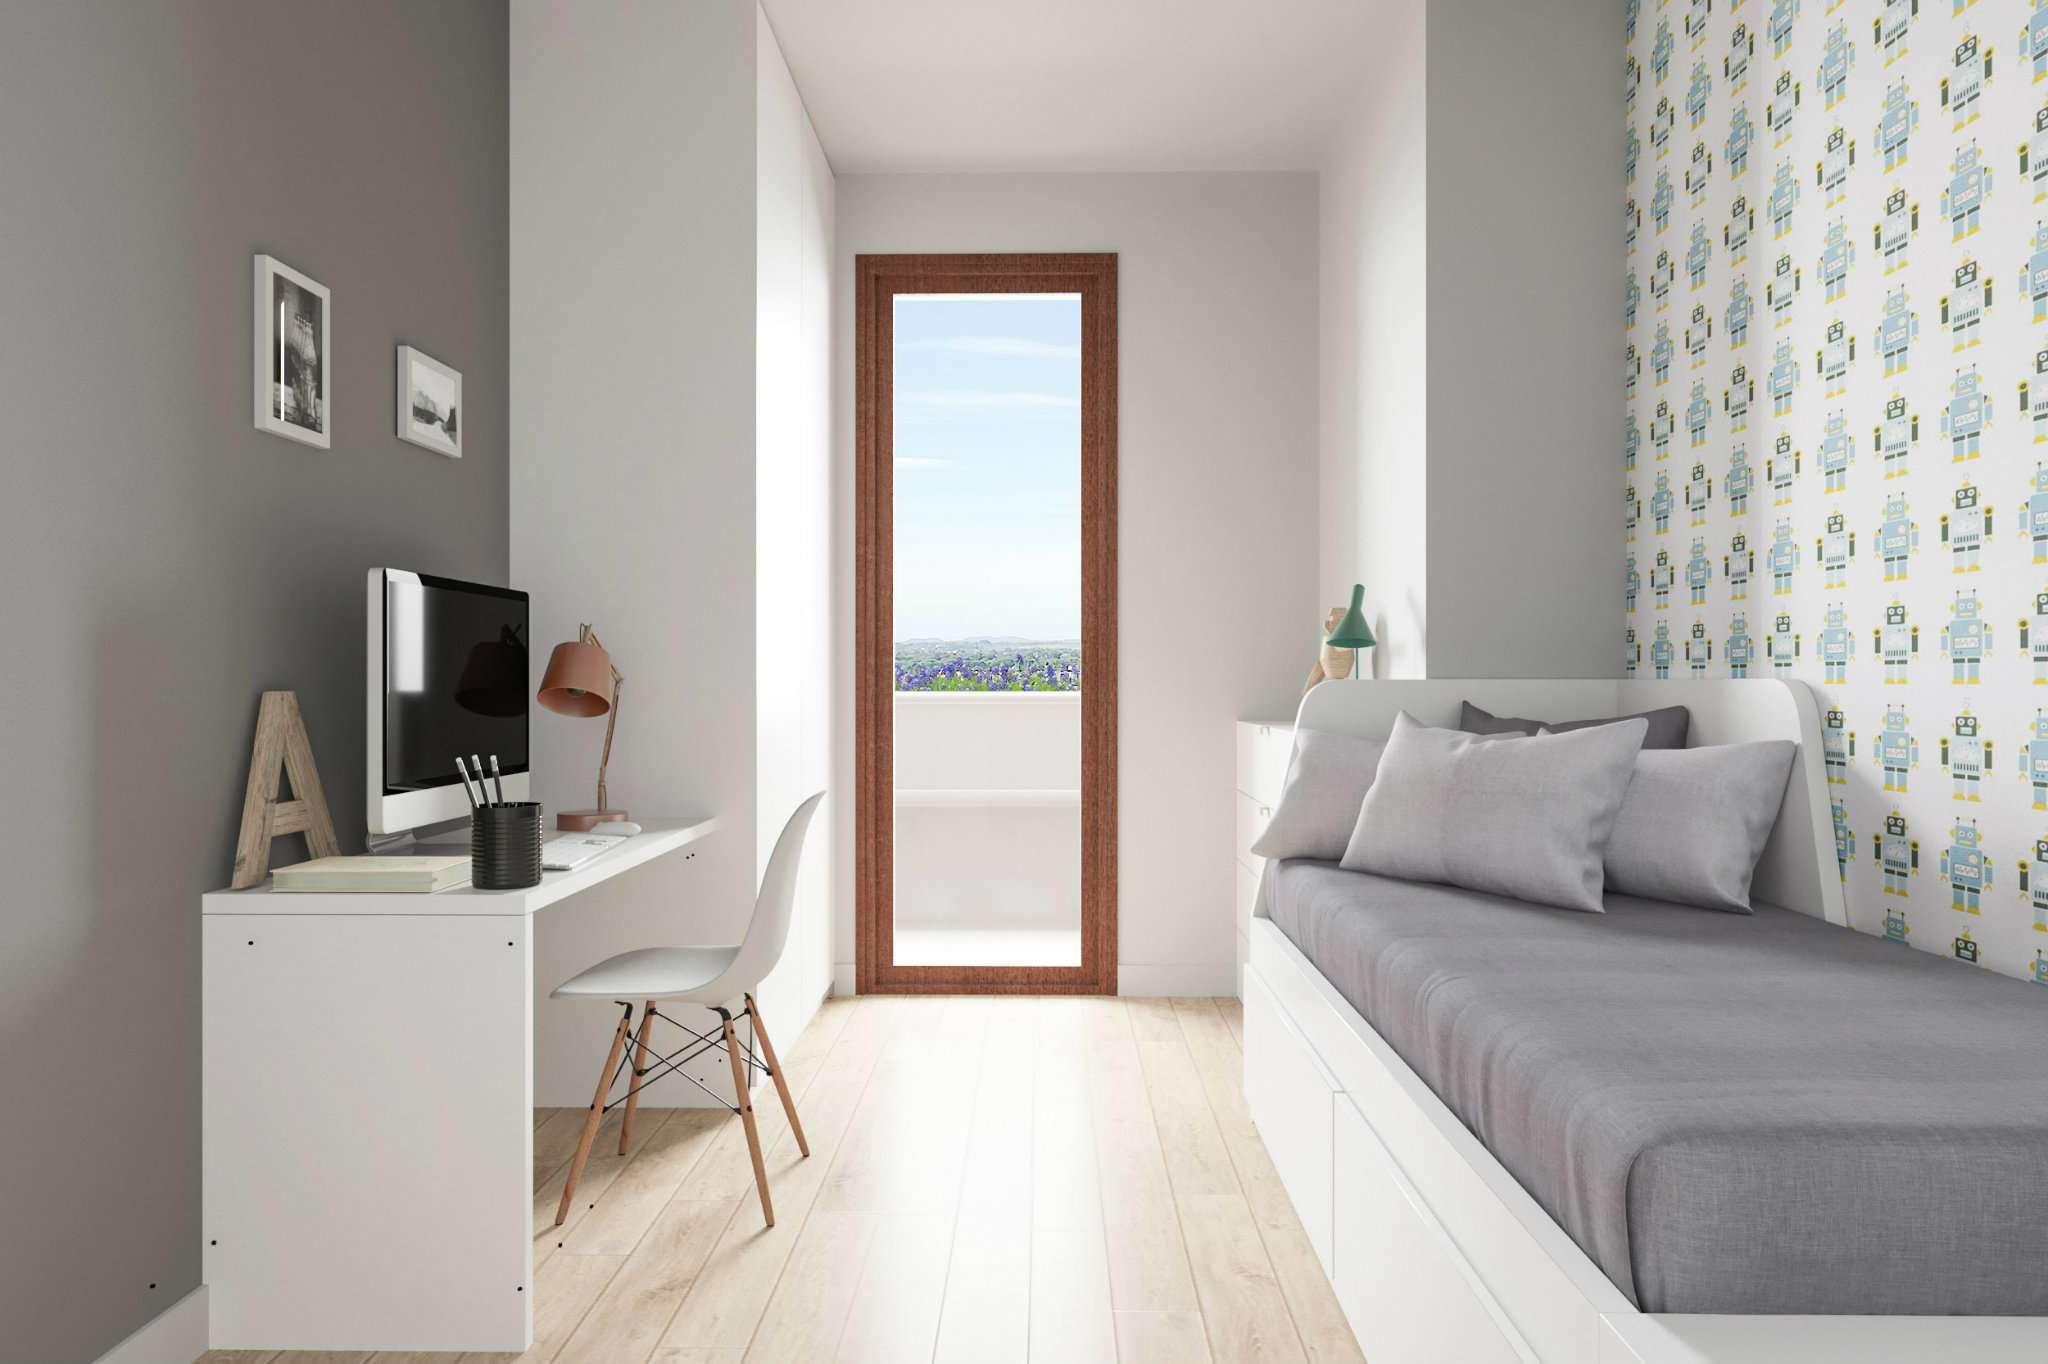 Appartamento in vendita a Roma, 3 locali, zona Zona: 34 . Bufalotta, Sette Bagni, Casal Boccone, Casale Monastero, Settecamini, prezzo € 321.000   CambioCasa.it